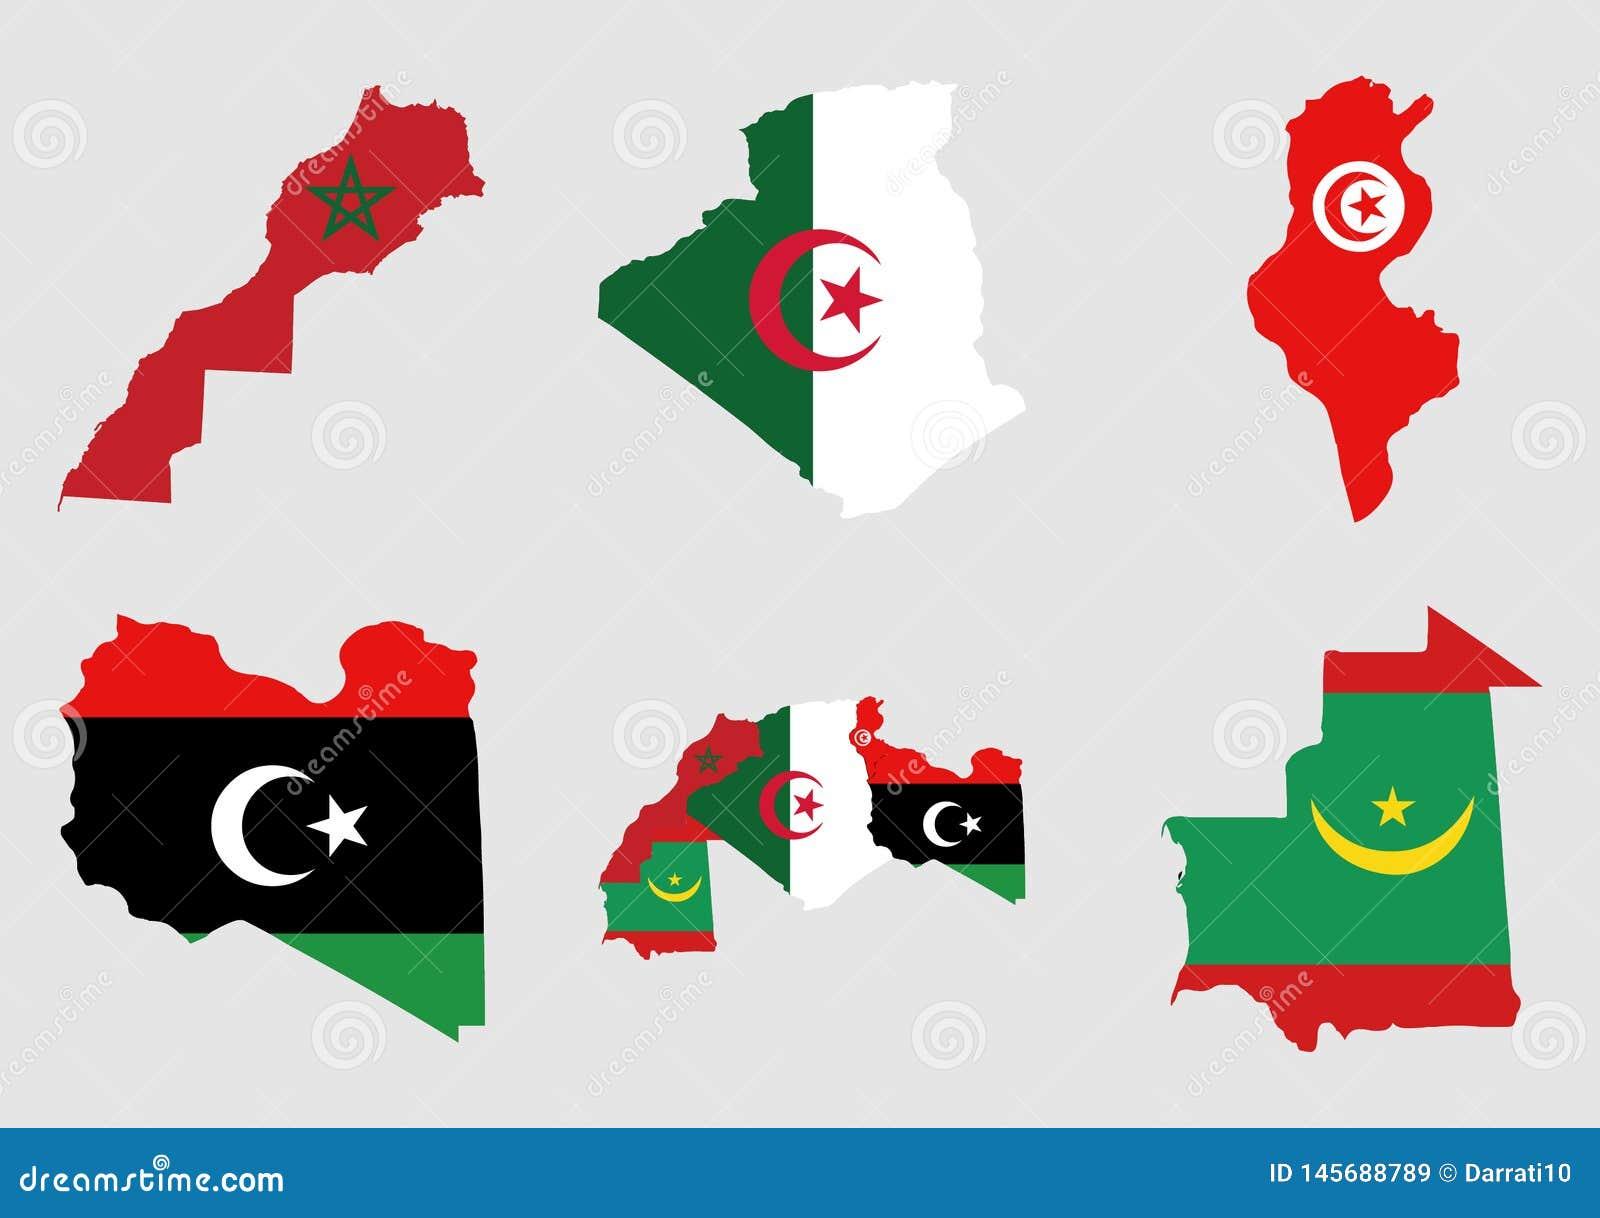 Χάρτης και σημαίες των αραβικών χωρών του Μαγκρέμπ